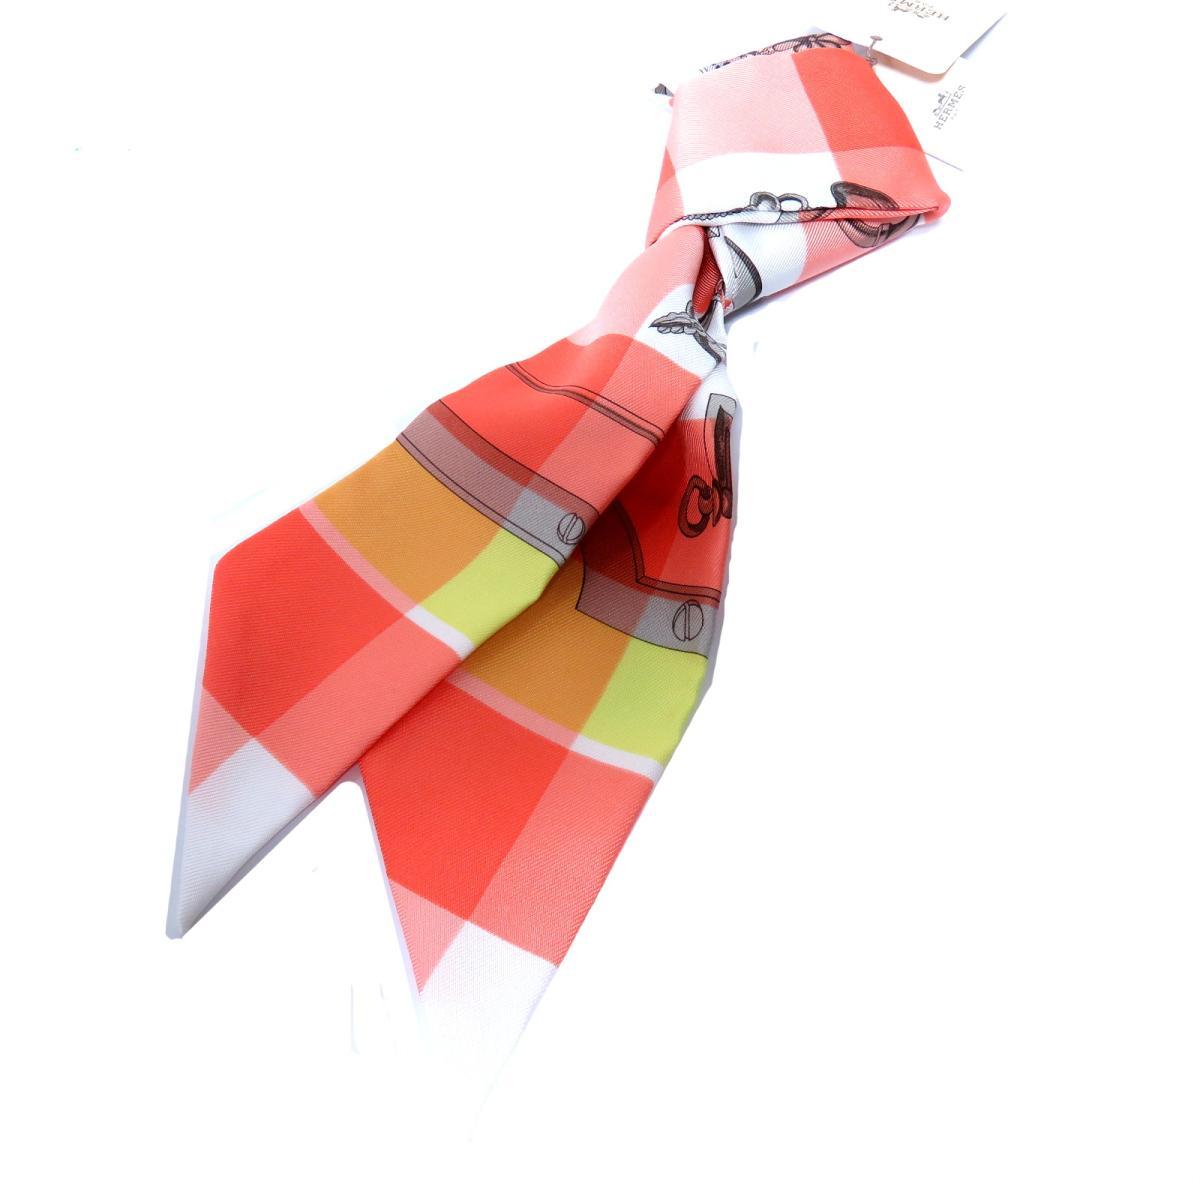 エルメス トゥイリー スカーフ レディース シルク SAUMON CITRON | HERMES スカーフ ツイリー 新品 ブランドオフ